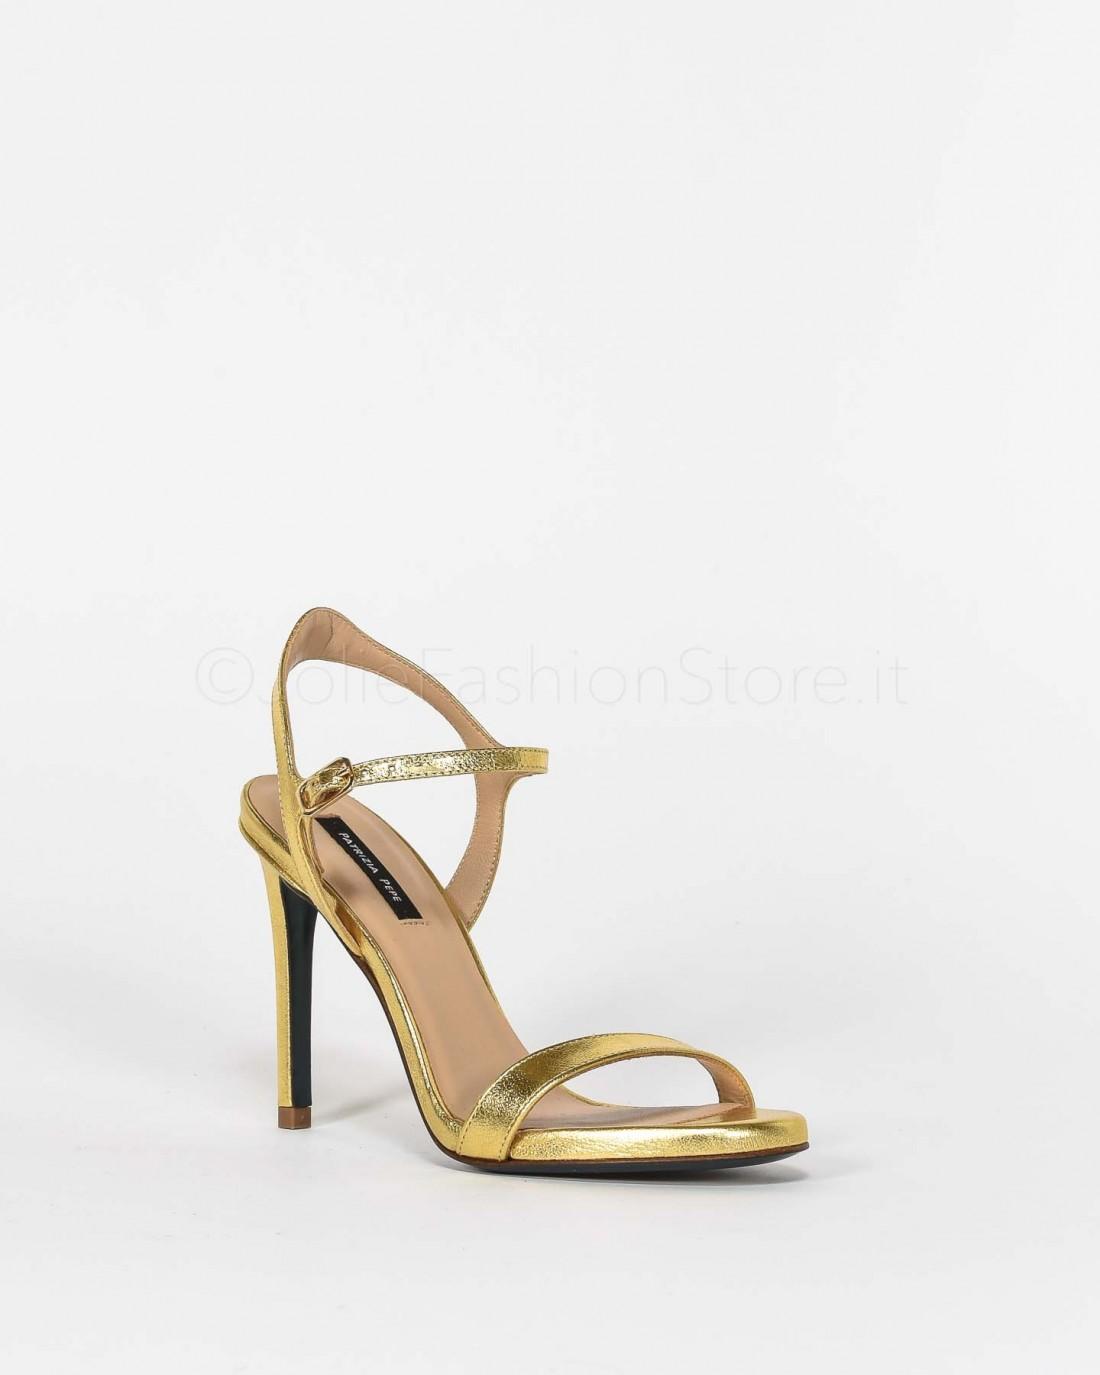 online retailer 2bbe0 b5f96 Elisabetta 2019 Pe Seta Bouganville In Camicia Rossa Franchi ...